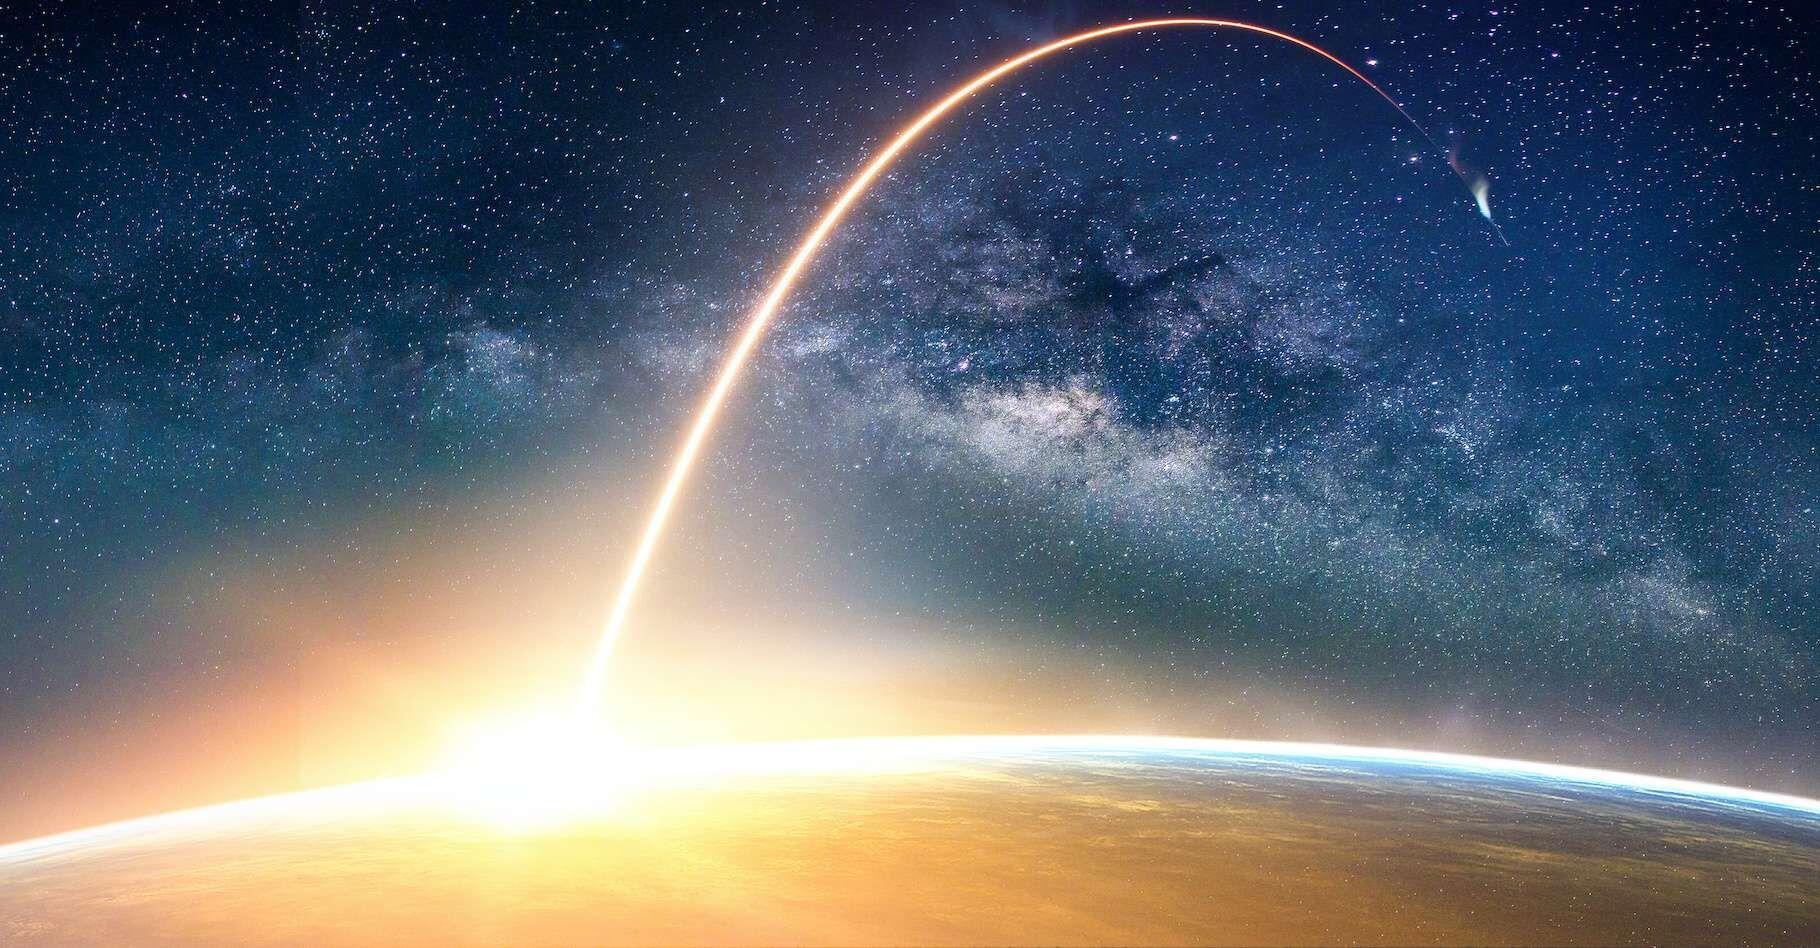 Il n'y avait en effet pas d'autre solution depuis que plus aucune navette spatiale n'était disponible pour aller faire des réparations ou des upgrades de Hubble qui orbite à environ 547 kilomètres au-dessus de la Terre.